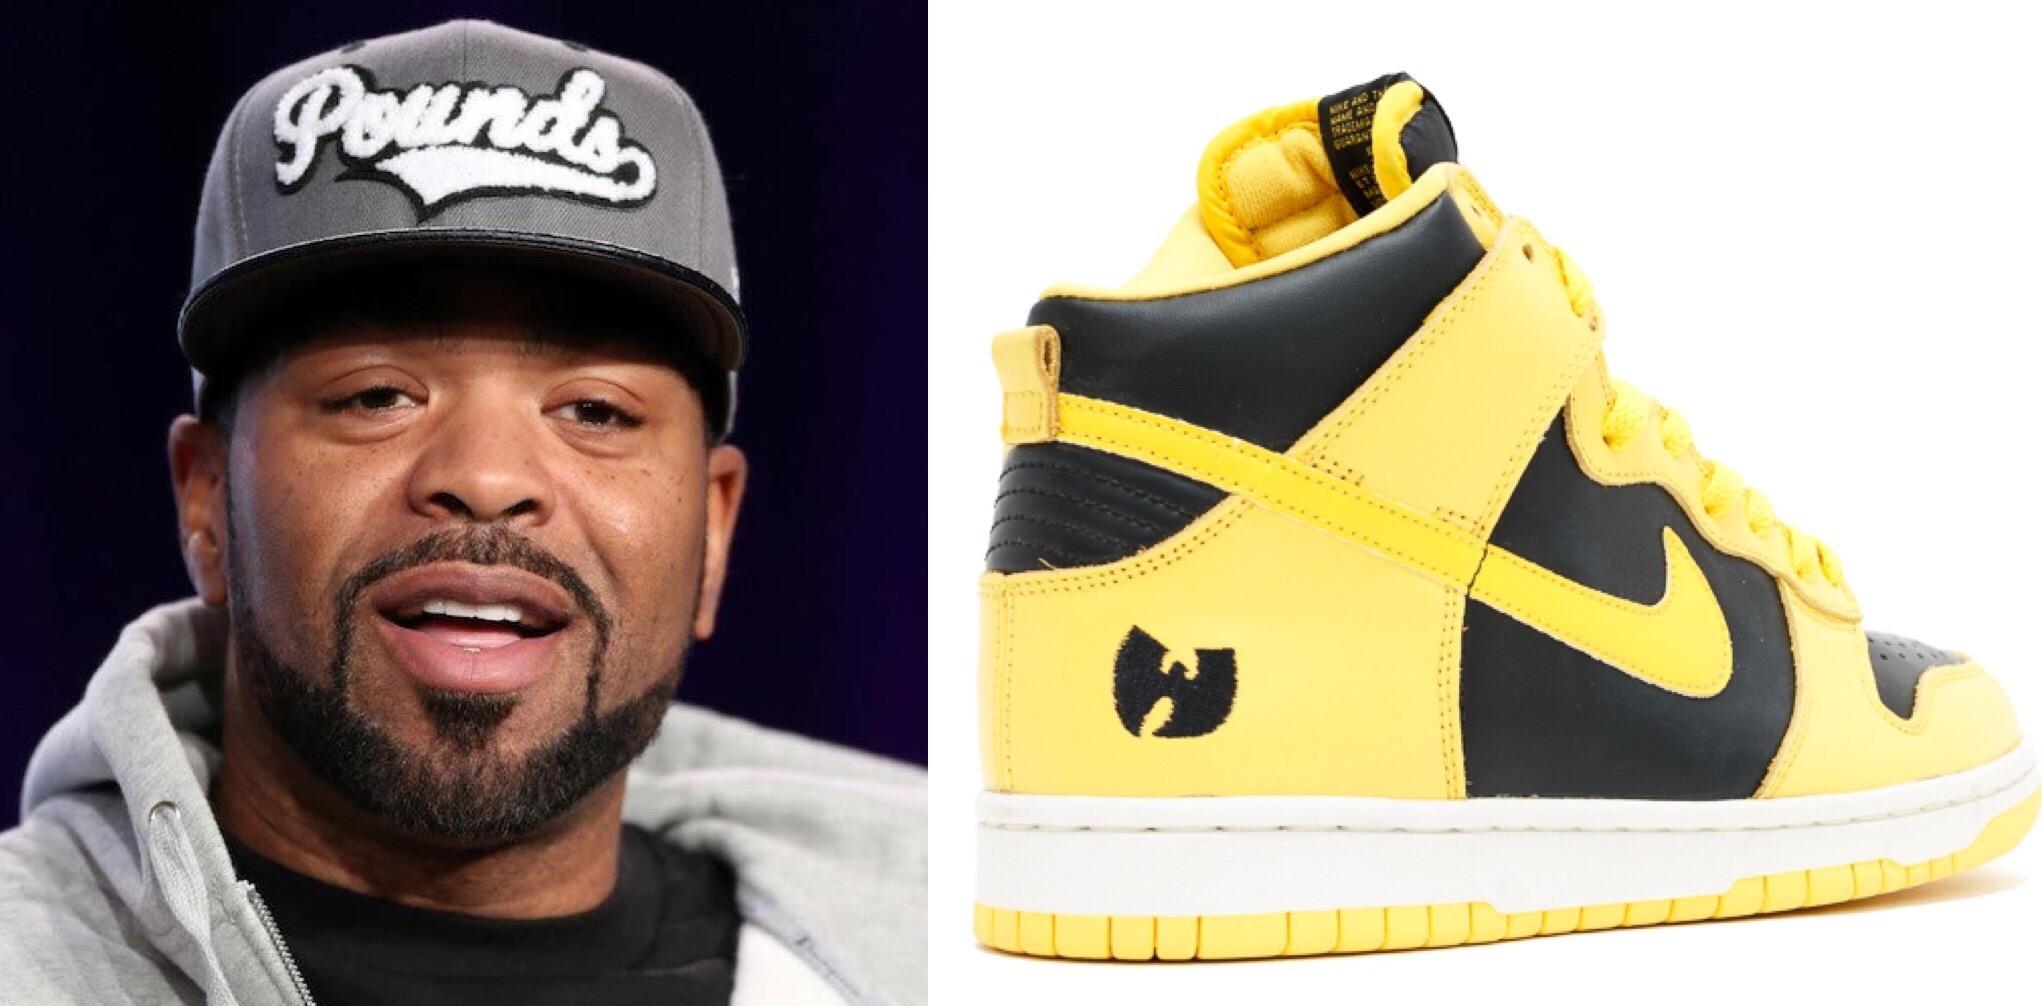 Method Man Wu Tang Dunks